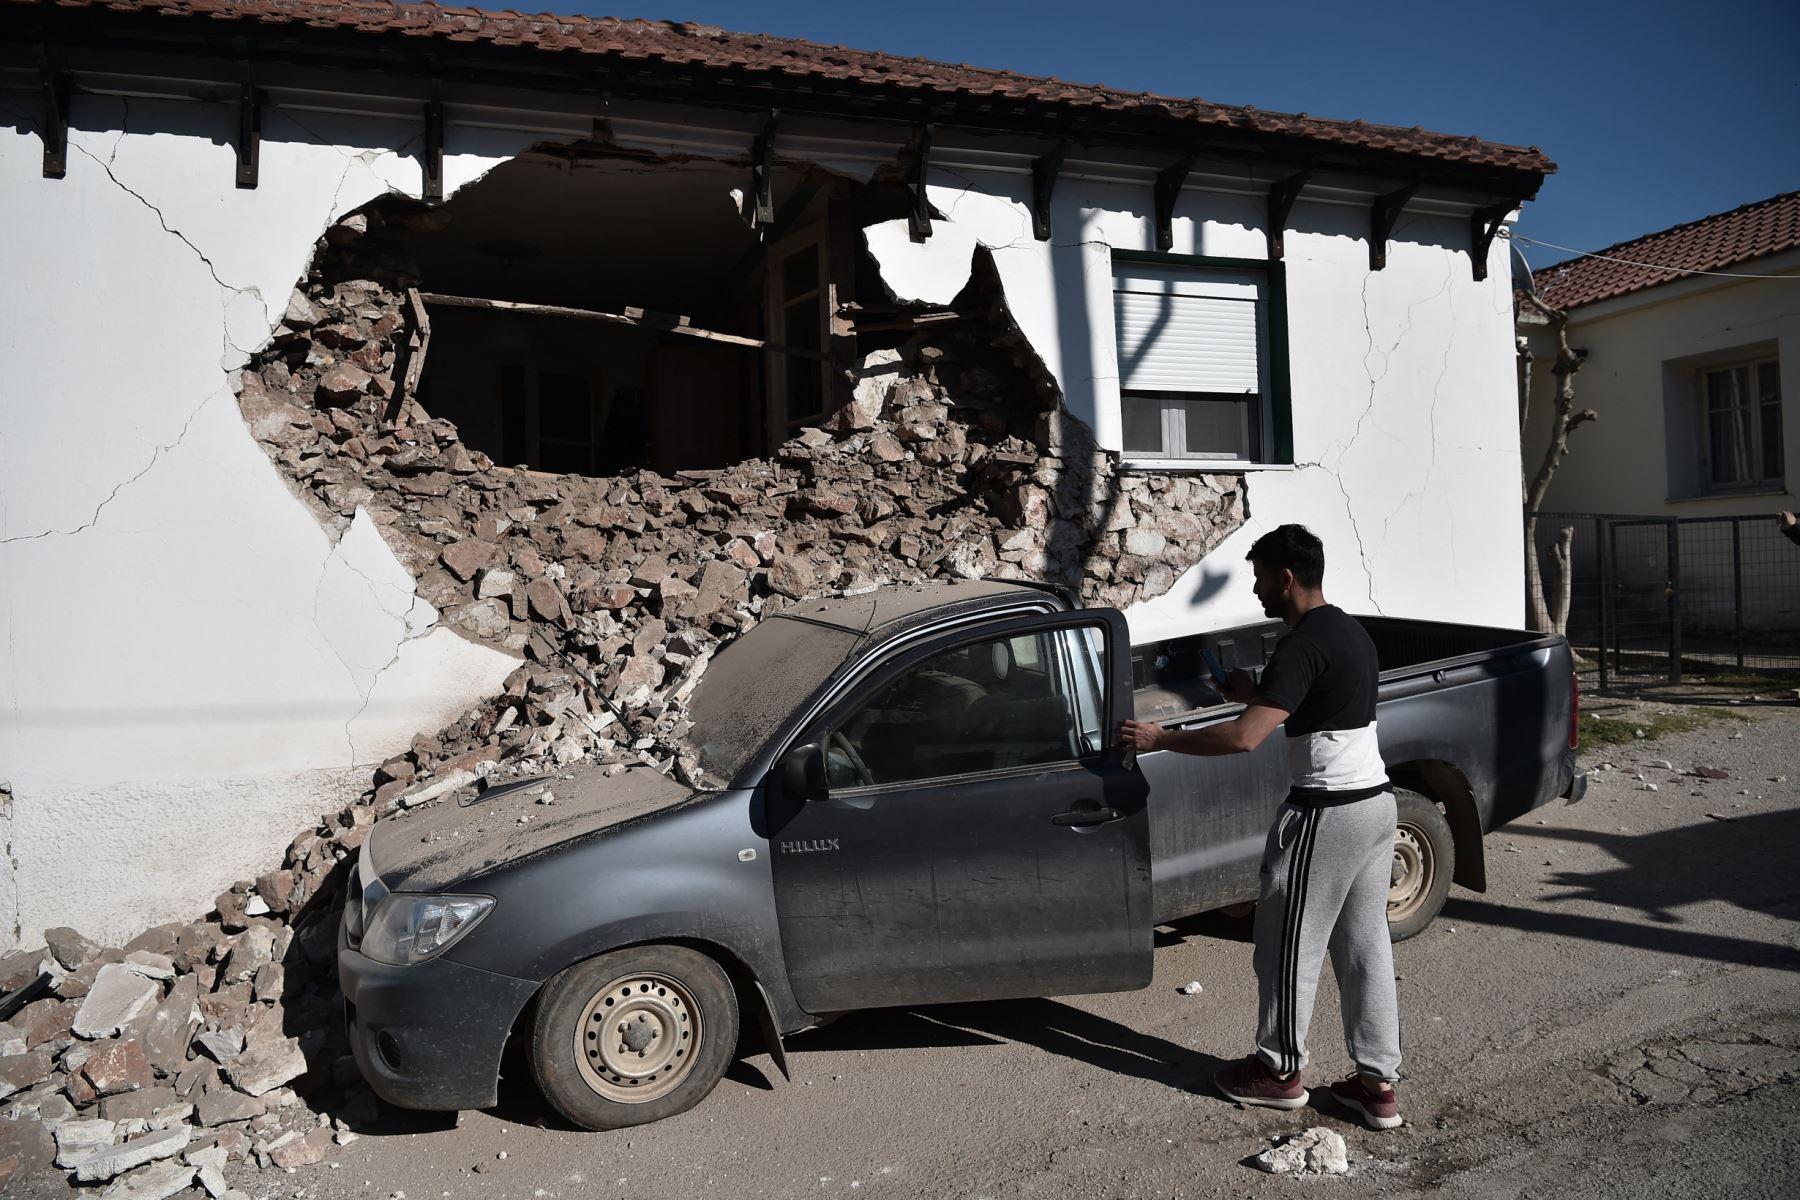 Un hombre observa su automóvil después que un edificio se derrumbara parcialmente en el pueblo de Damasi debido al fuerte sismo de magnitud 6,3 en la región central griega de Tesalia. Foto: AFP